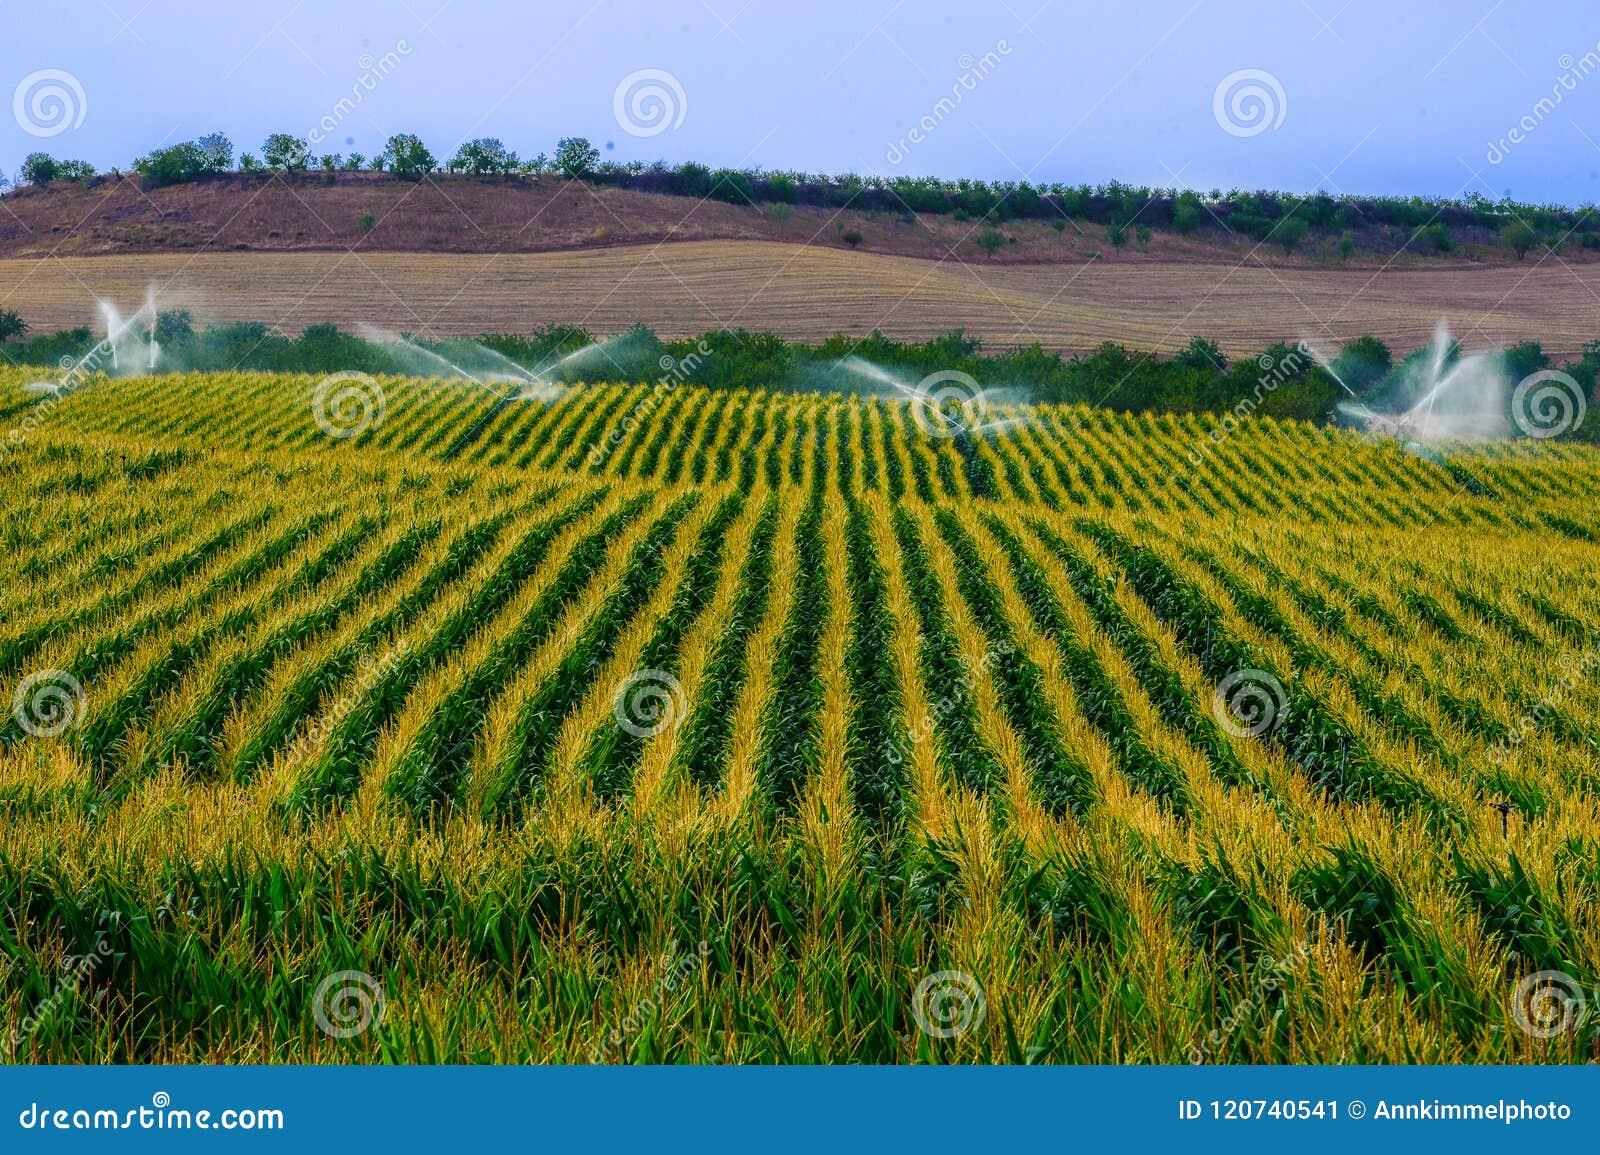 El campo verde con la cosecha creciente del maíz sprinckled por el agua usando